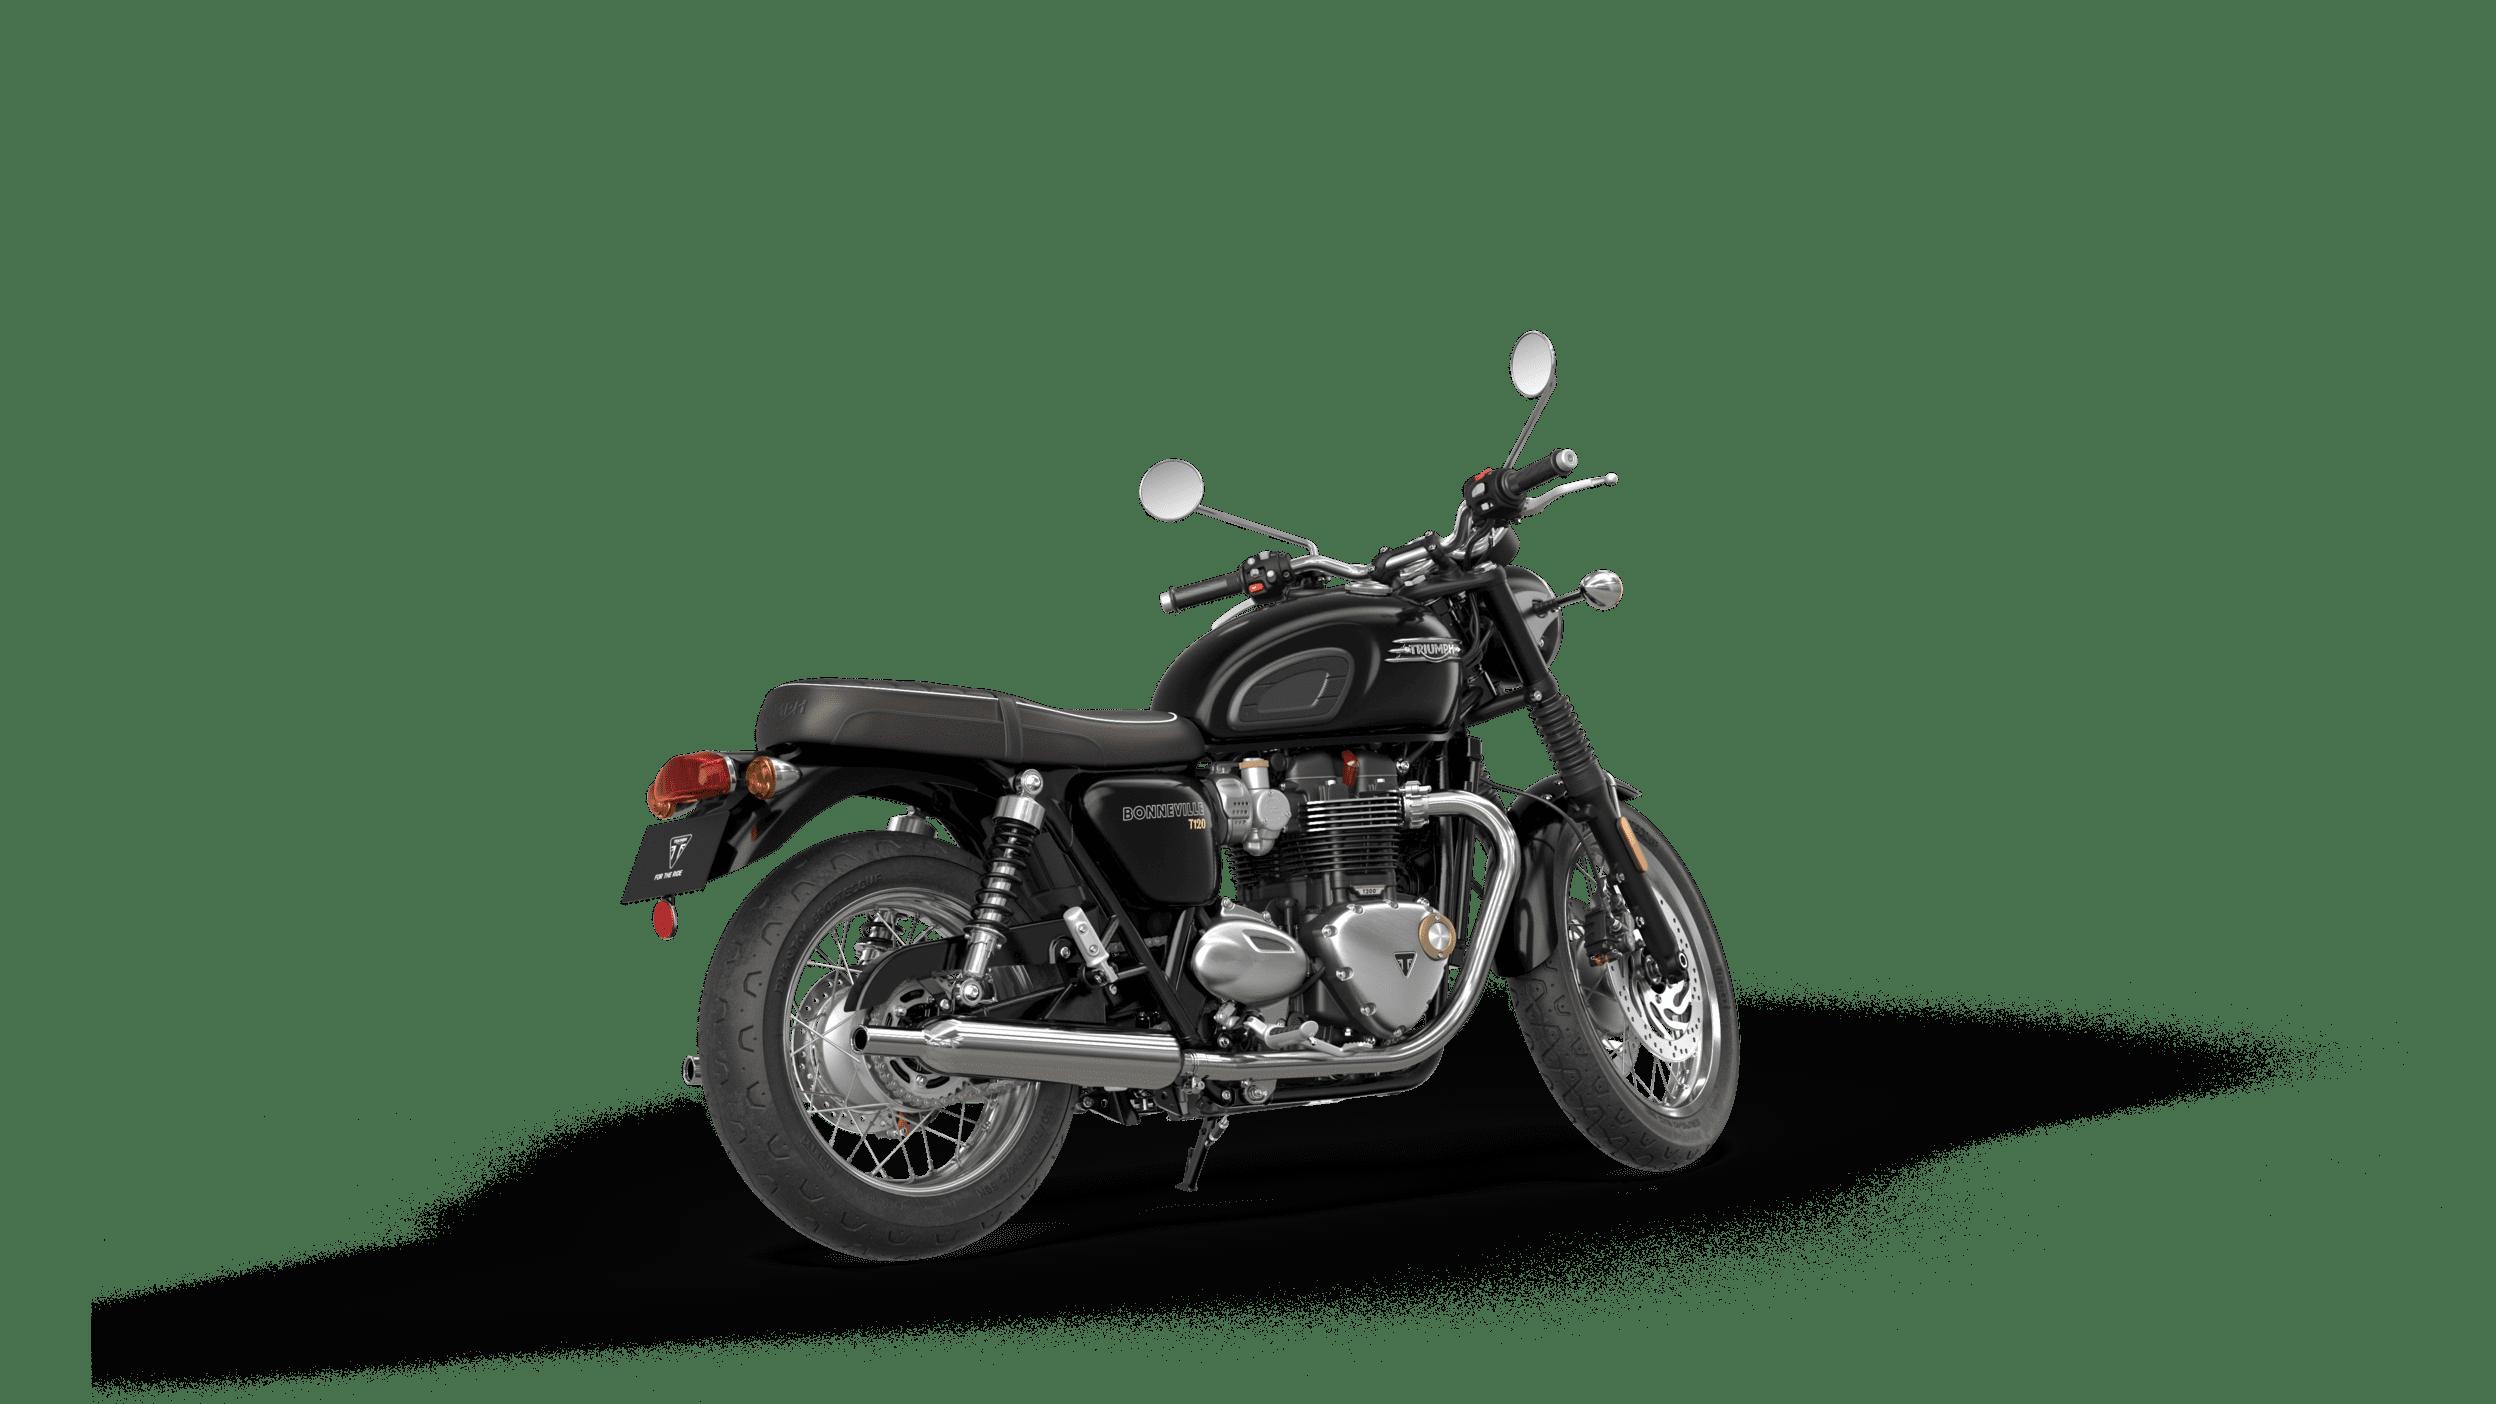 triumph bonneville t120 negru LHS 4